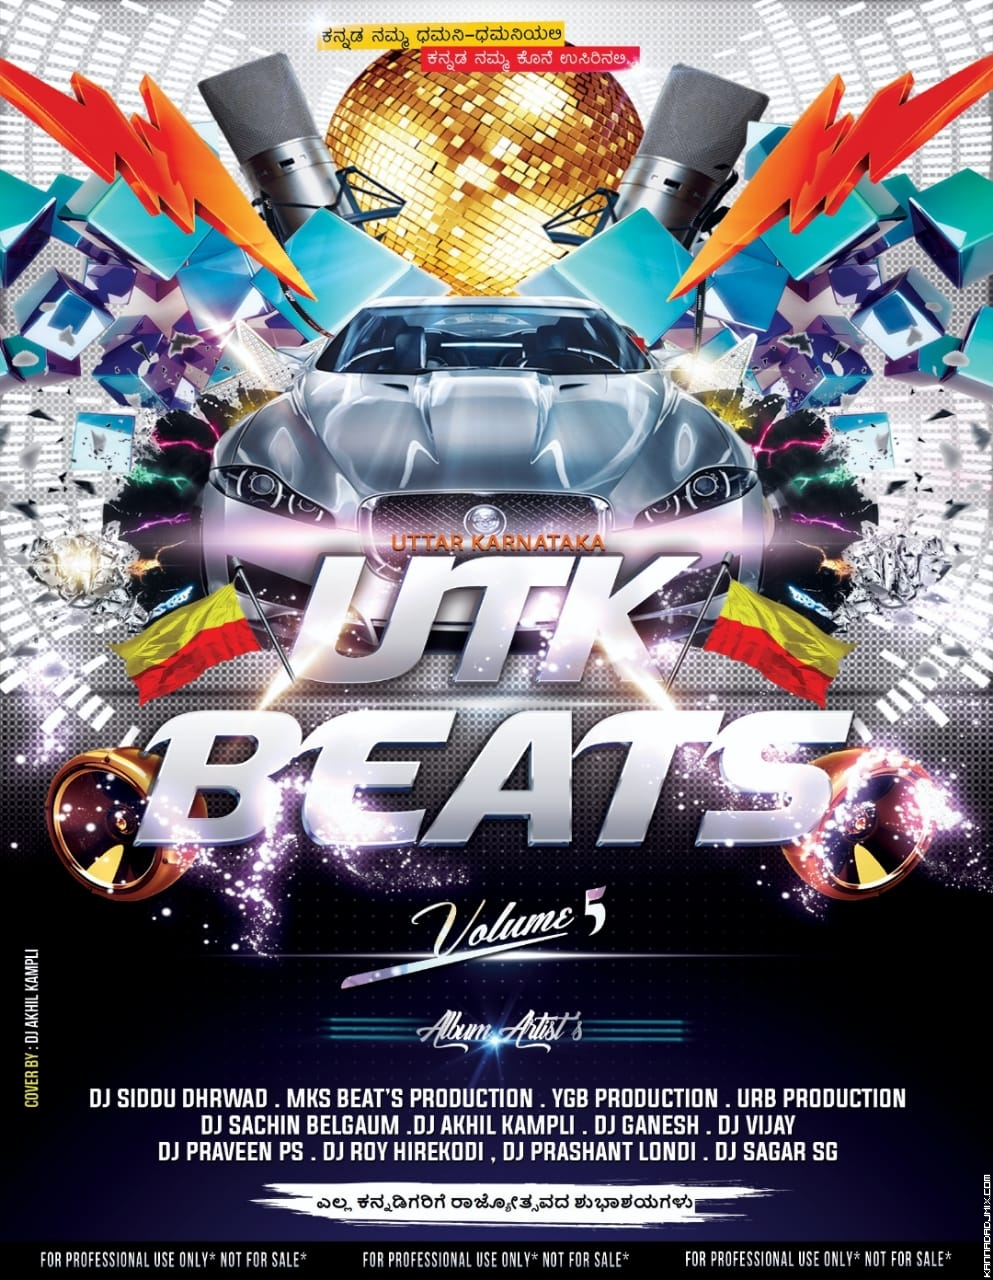 UTK Beats Vol 5